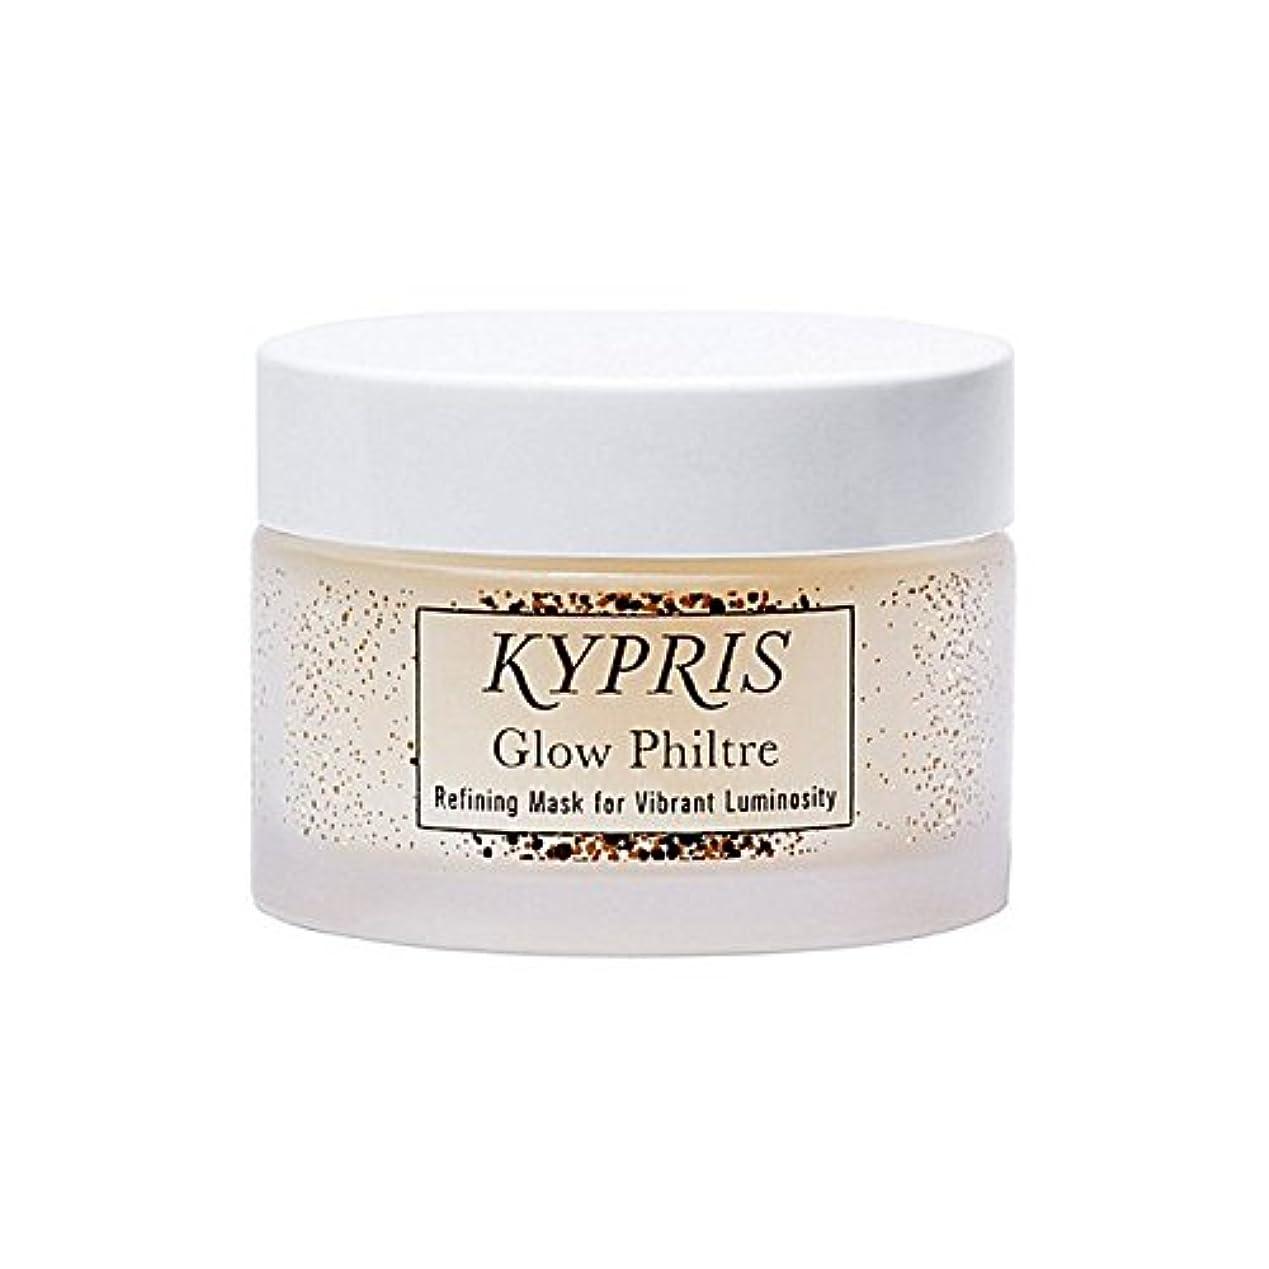 ファンネルウェブスパイダー喪奨励Kypris Glow Philtre Mask (Pack of 6) - グローマスク x6 [並行輸入品]